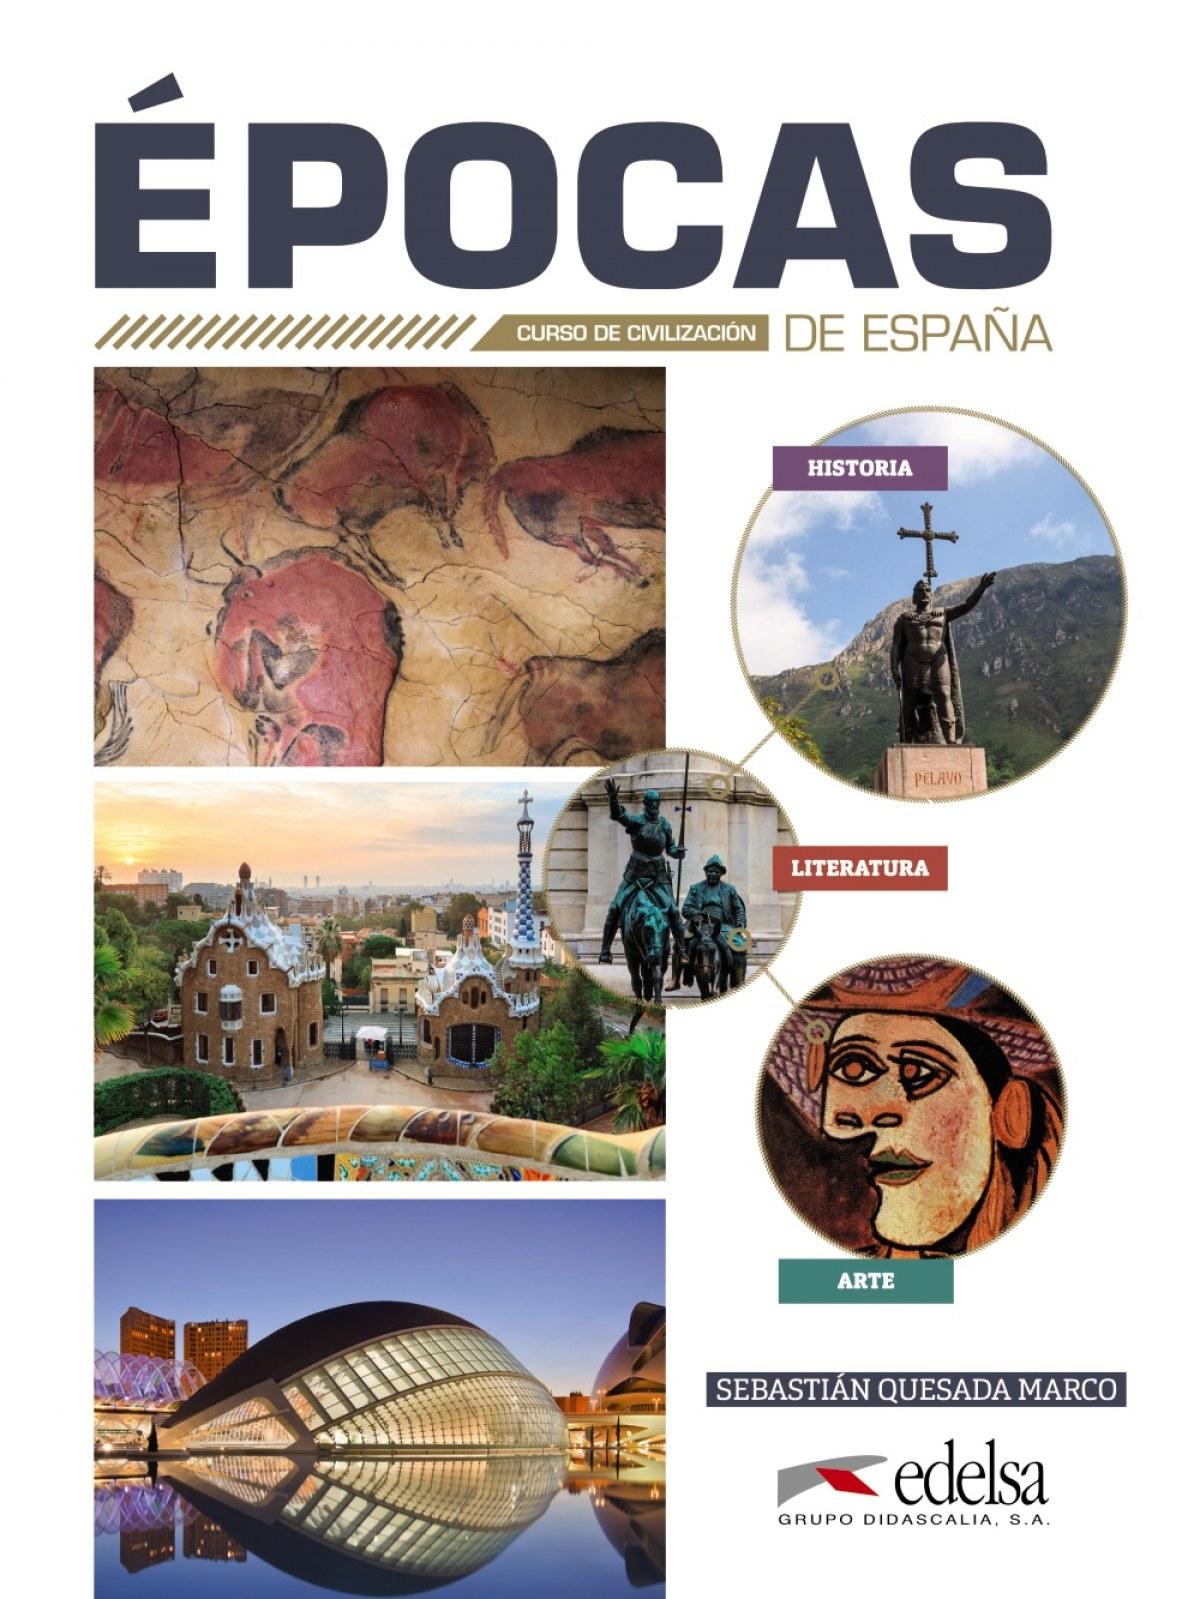 Épocas de España curso de civilización 9788490818053